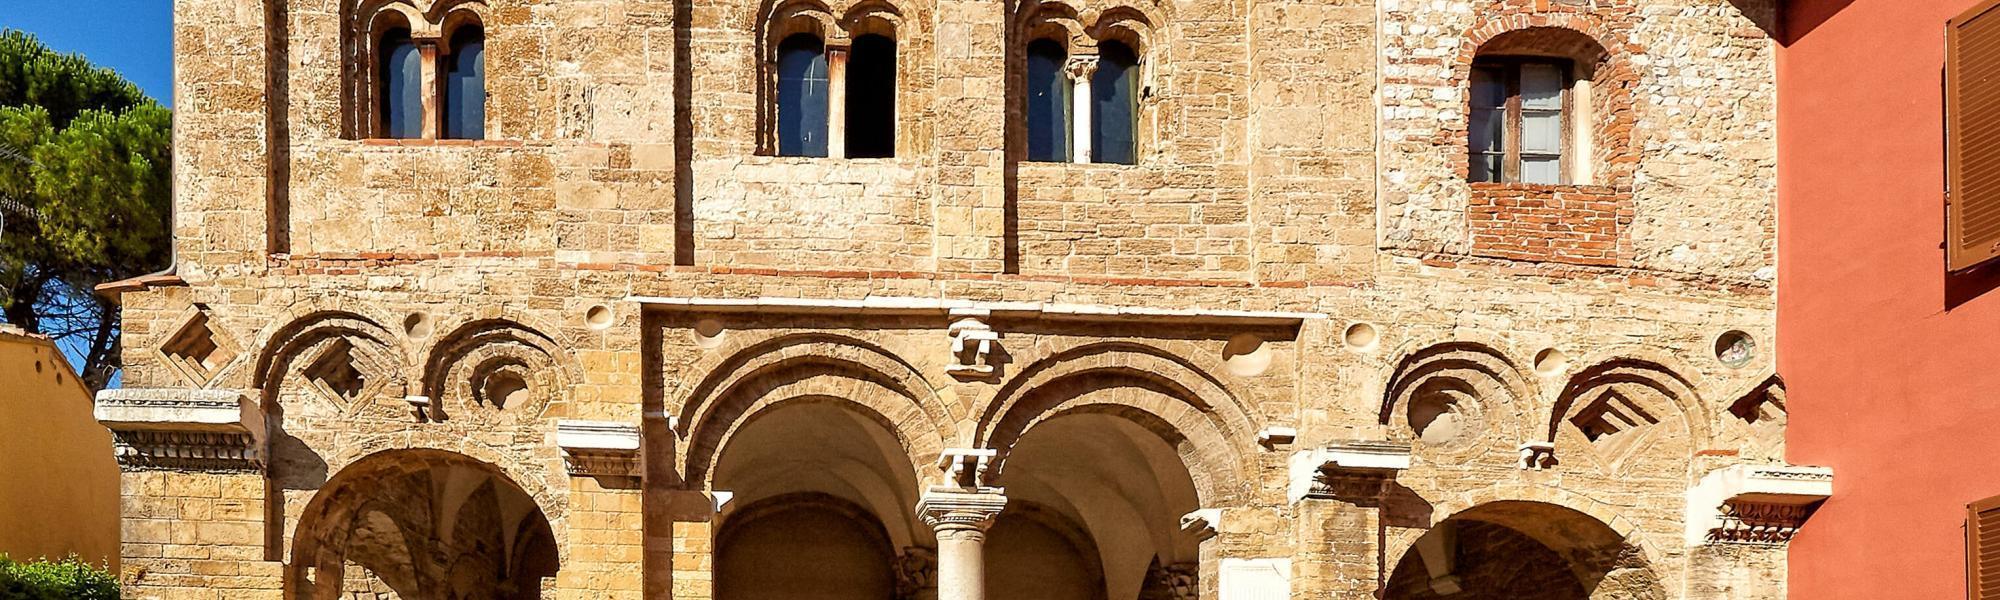 Chiesa di San Zeno (M. Cerrai, Comune di Pisa)